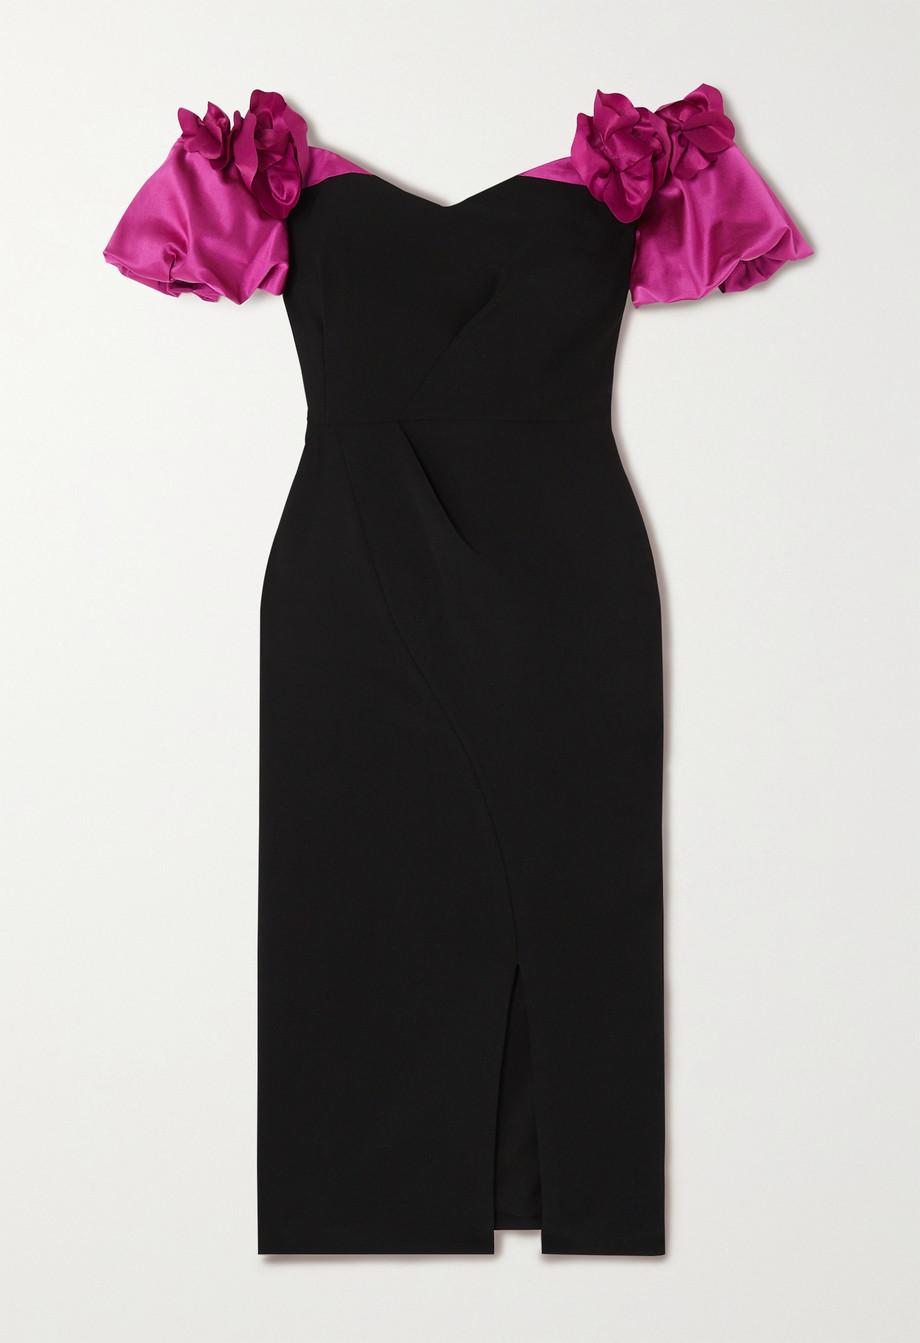 Marchesa Notte Off-the-shoulder satin-trimmed crepe dress